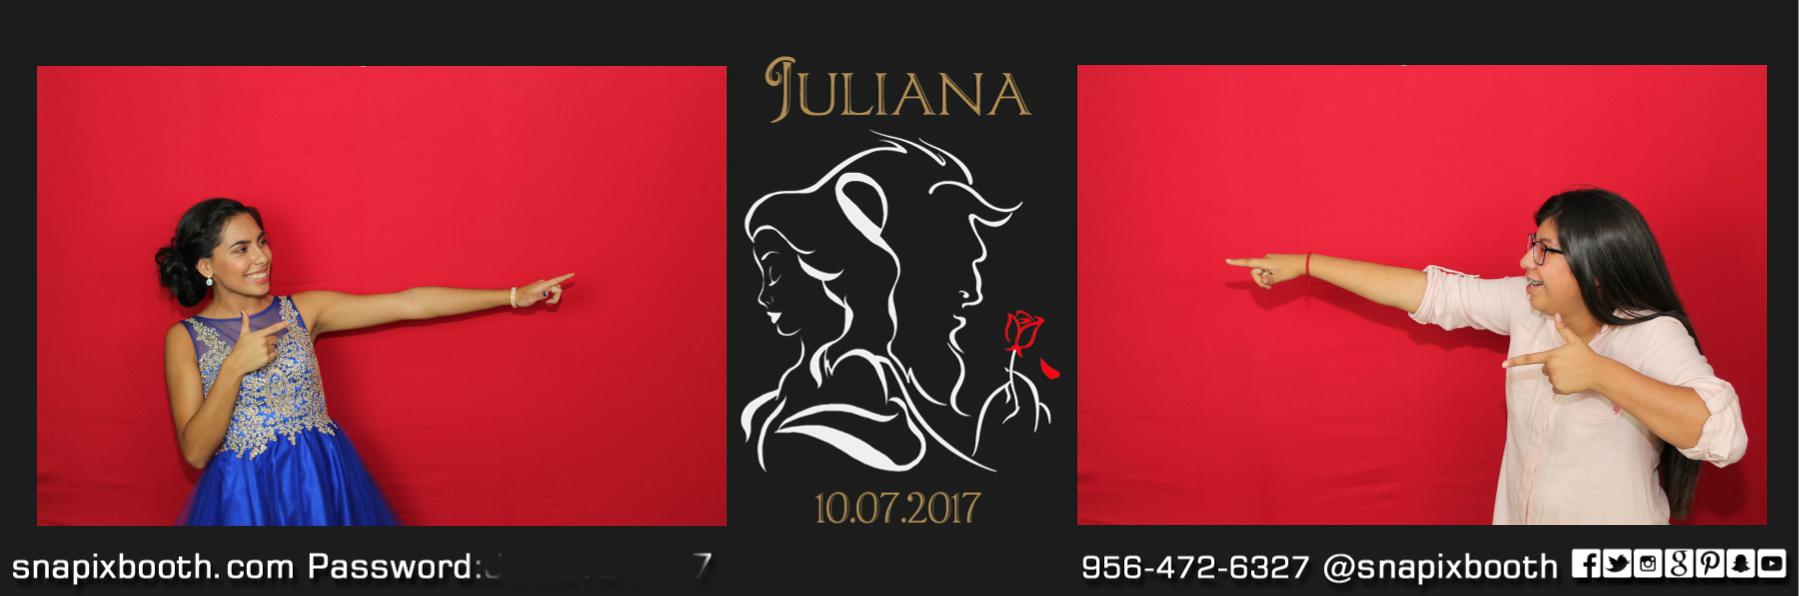 Juliana's 15th